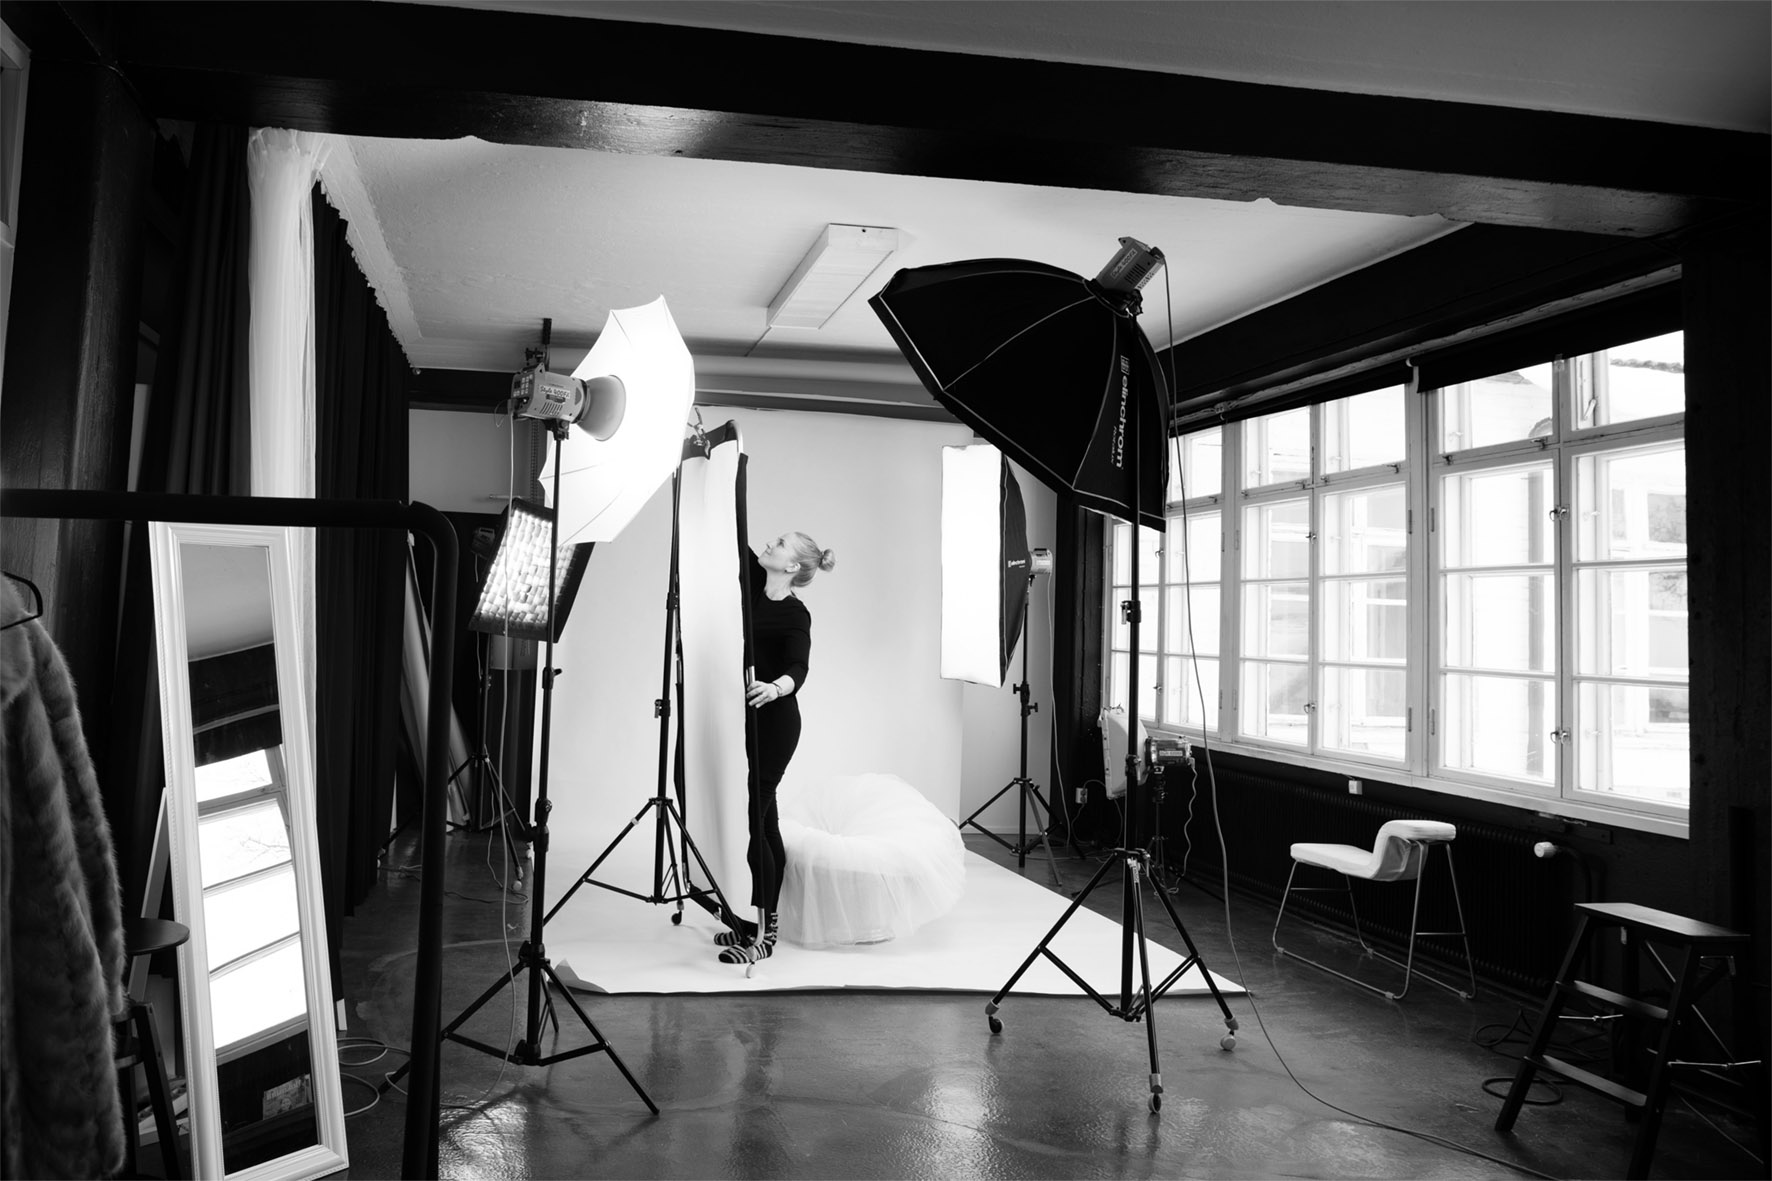 Studio Liikkuva - Valokuvausta Turussa- Studio